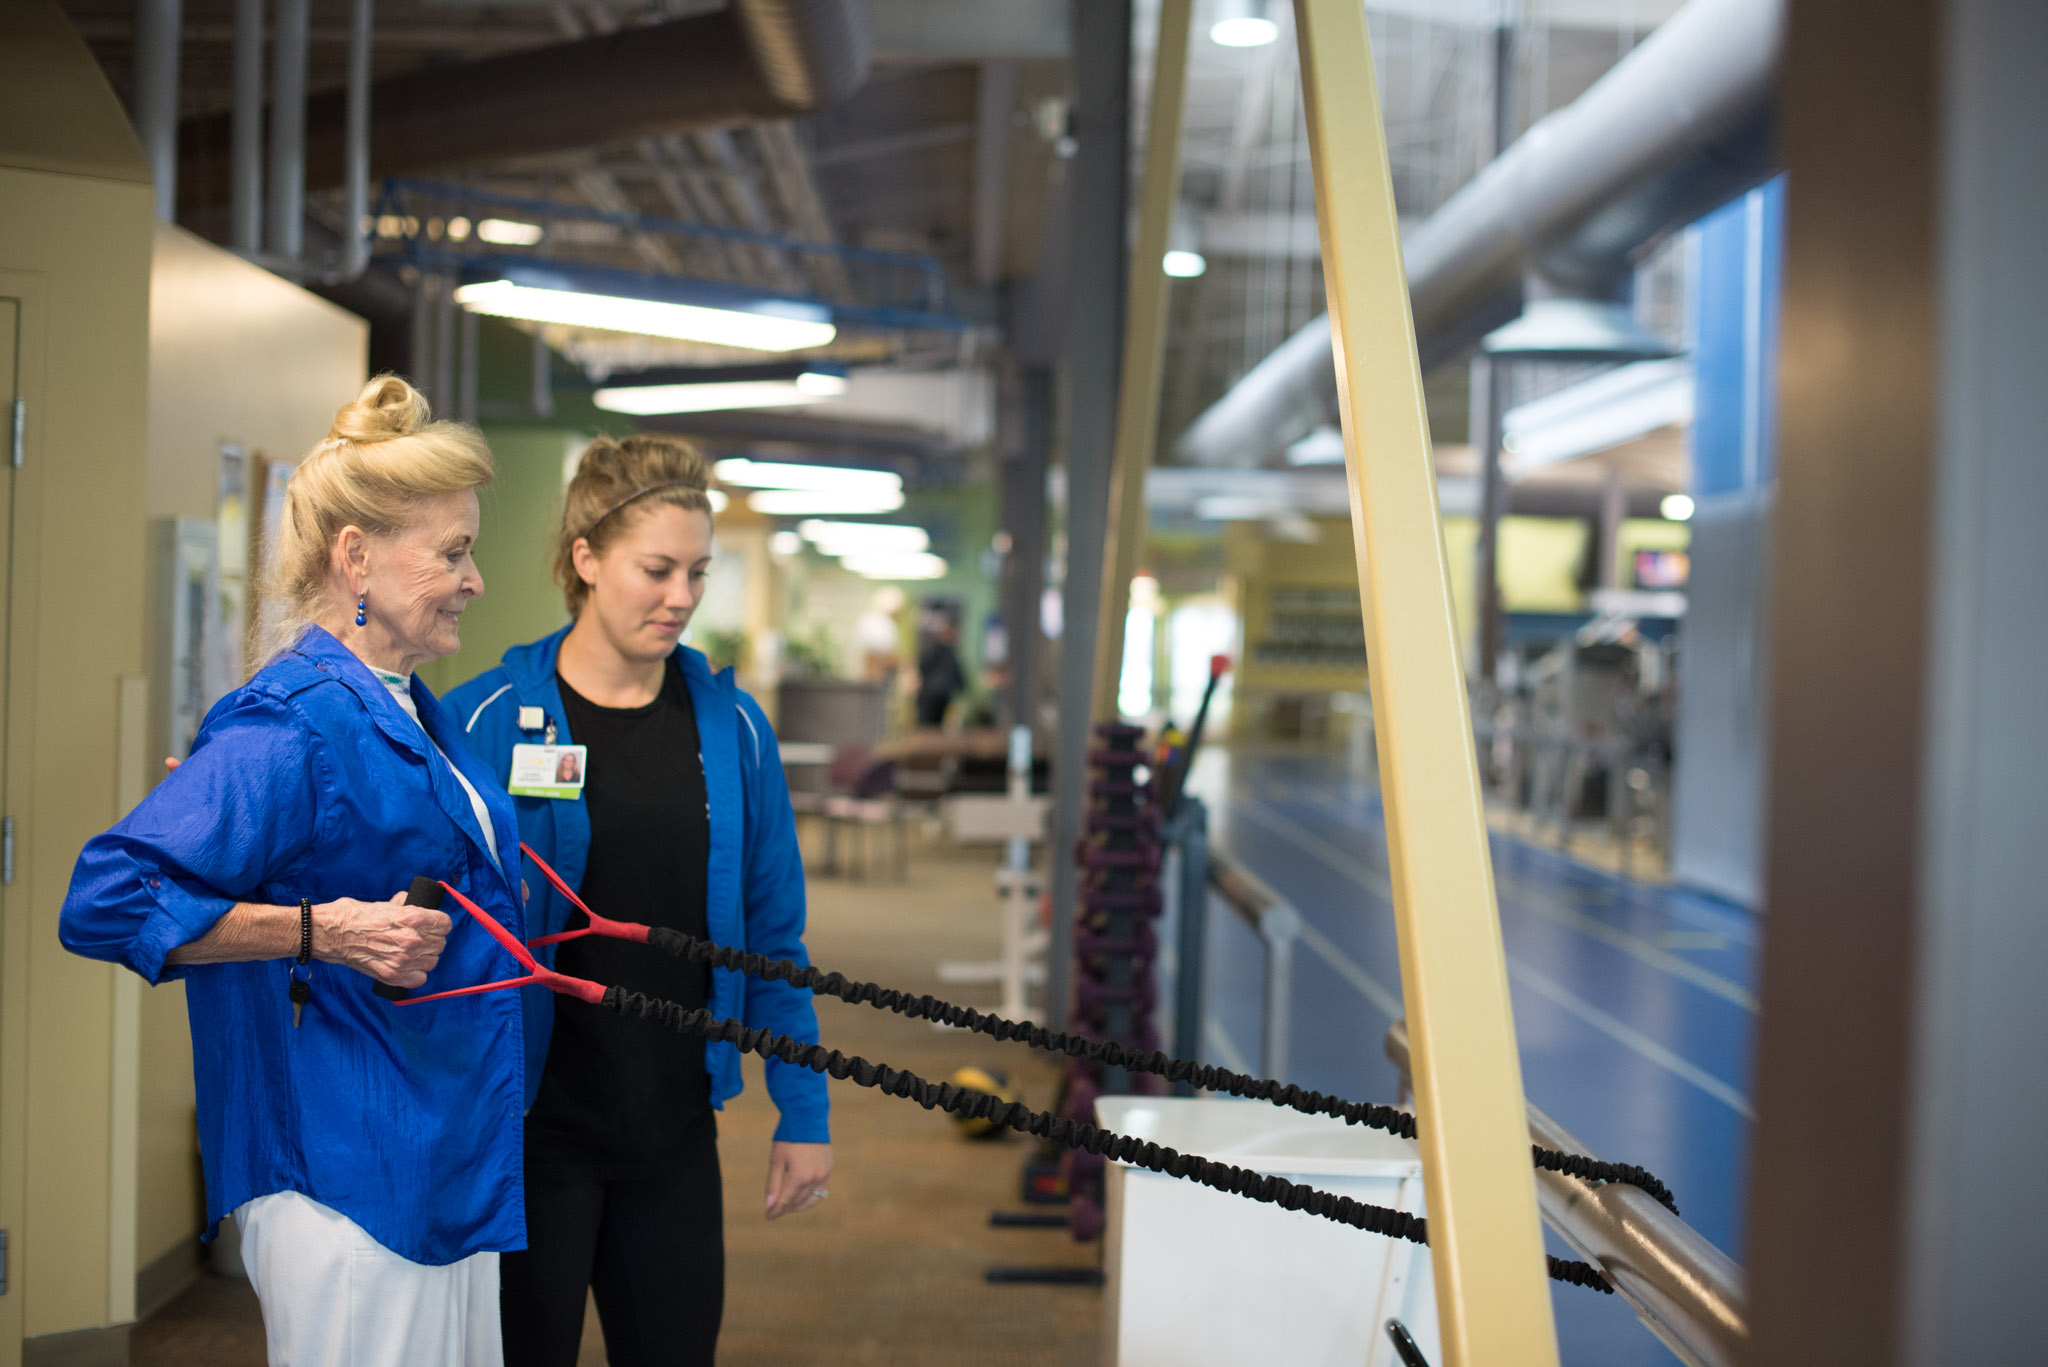 Wellness Center Stock Photos-1177.jpg